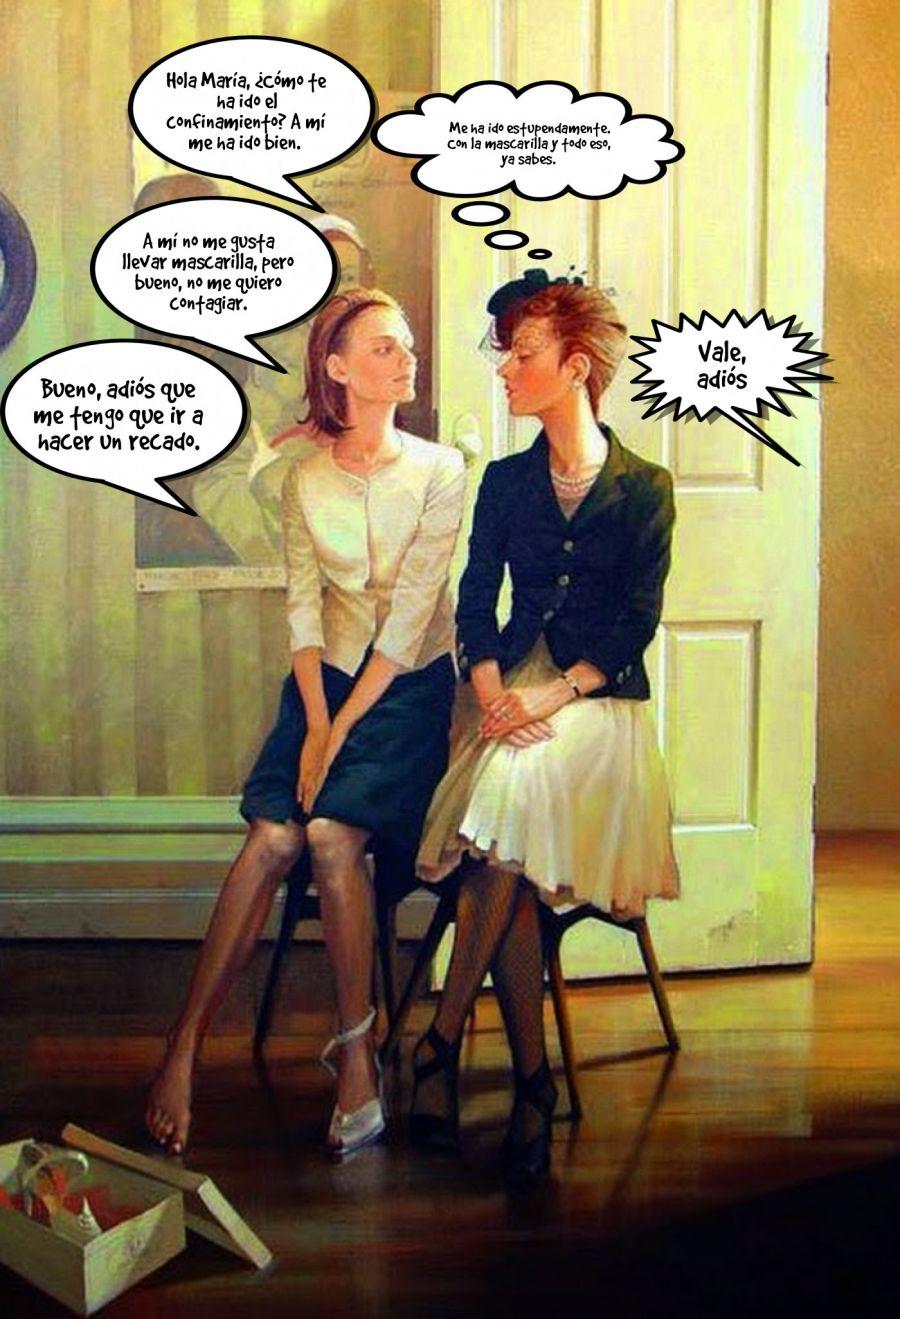 Hola María, ¿Cómo te ha ido el confinamiento? A mí me ha ido... | phrase.it